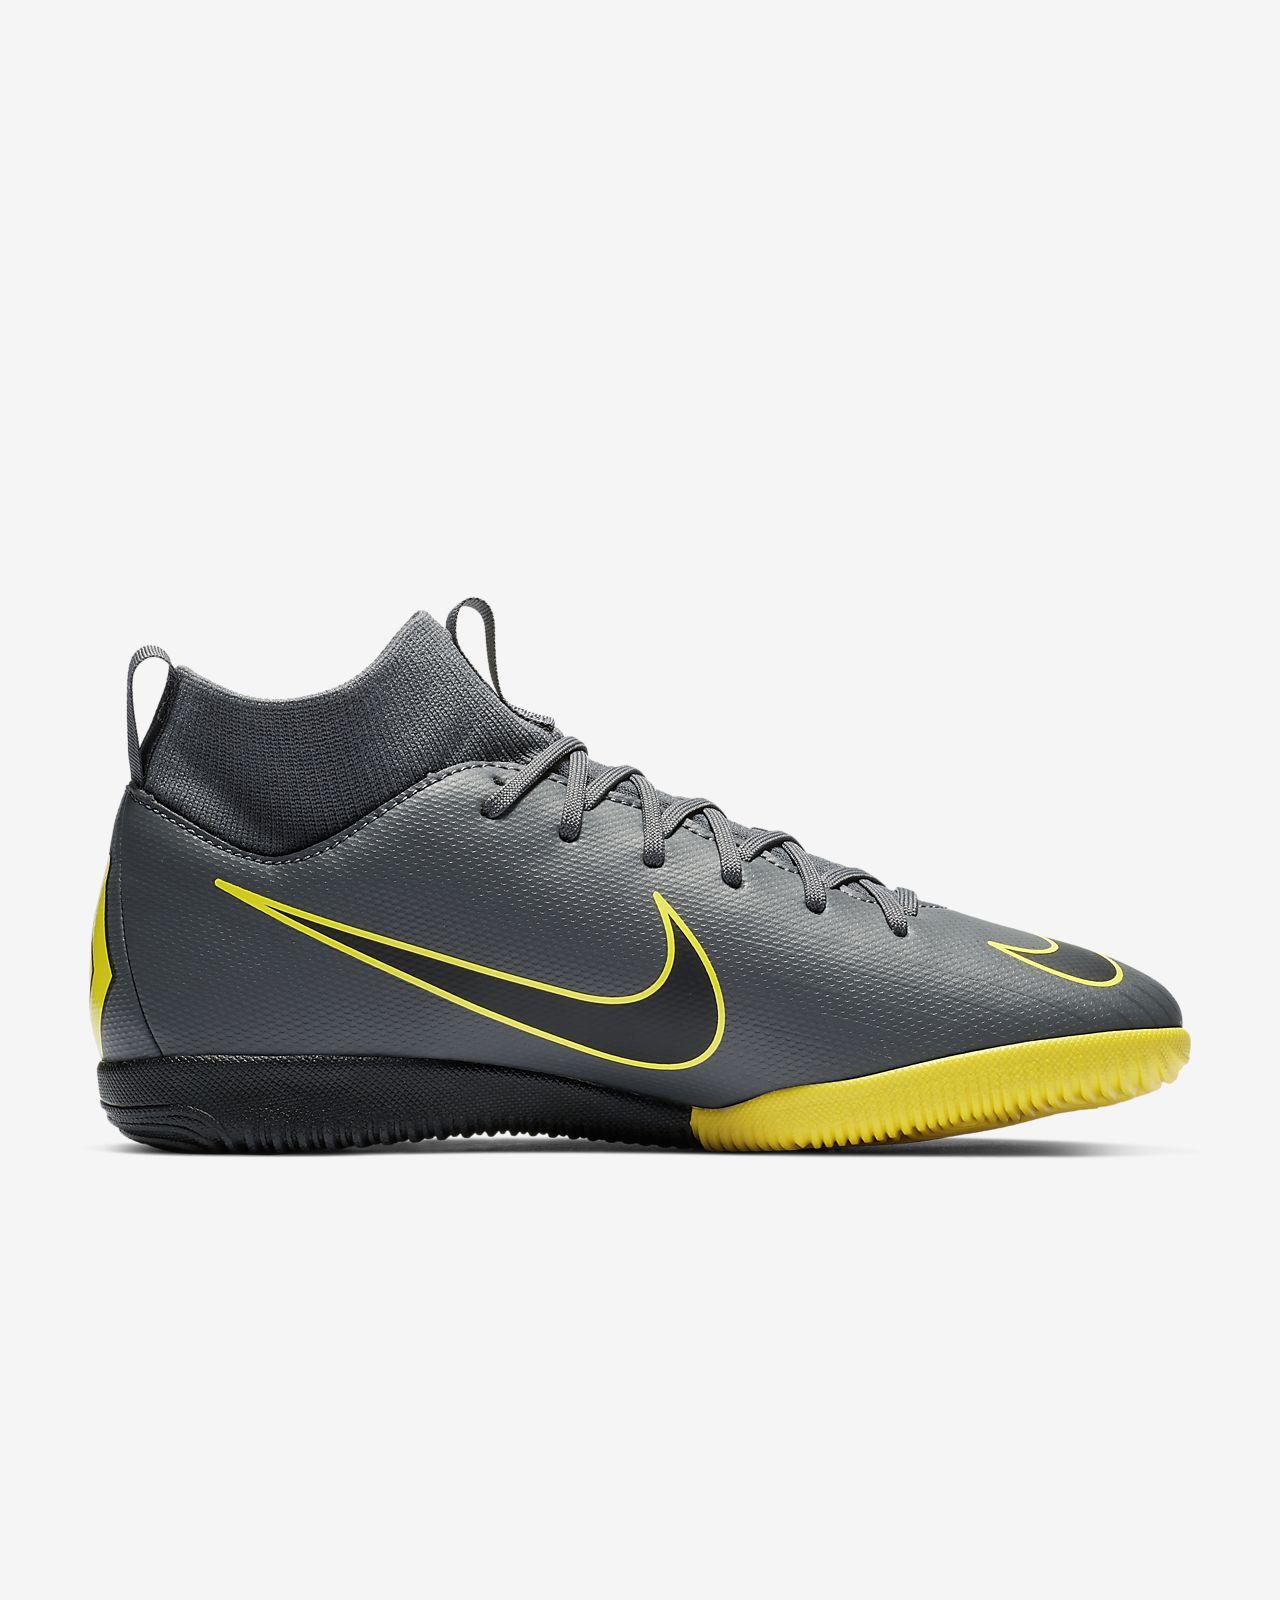 new product c935a e8ab6 ... Nike Jr. SuperflyX 6 Academy IC fotballsko til innendørsbane/gate til  små/store